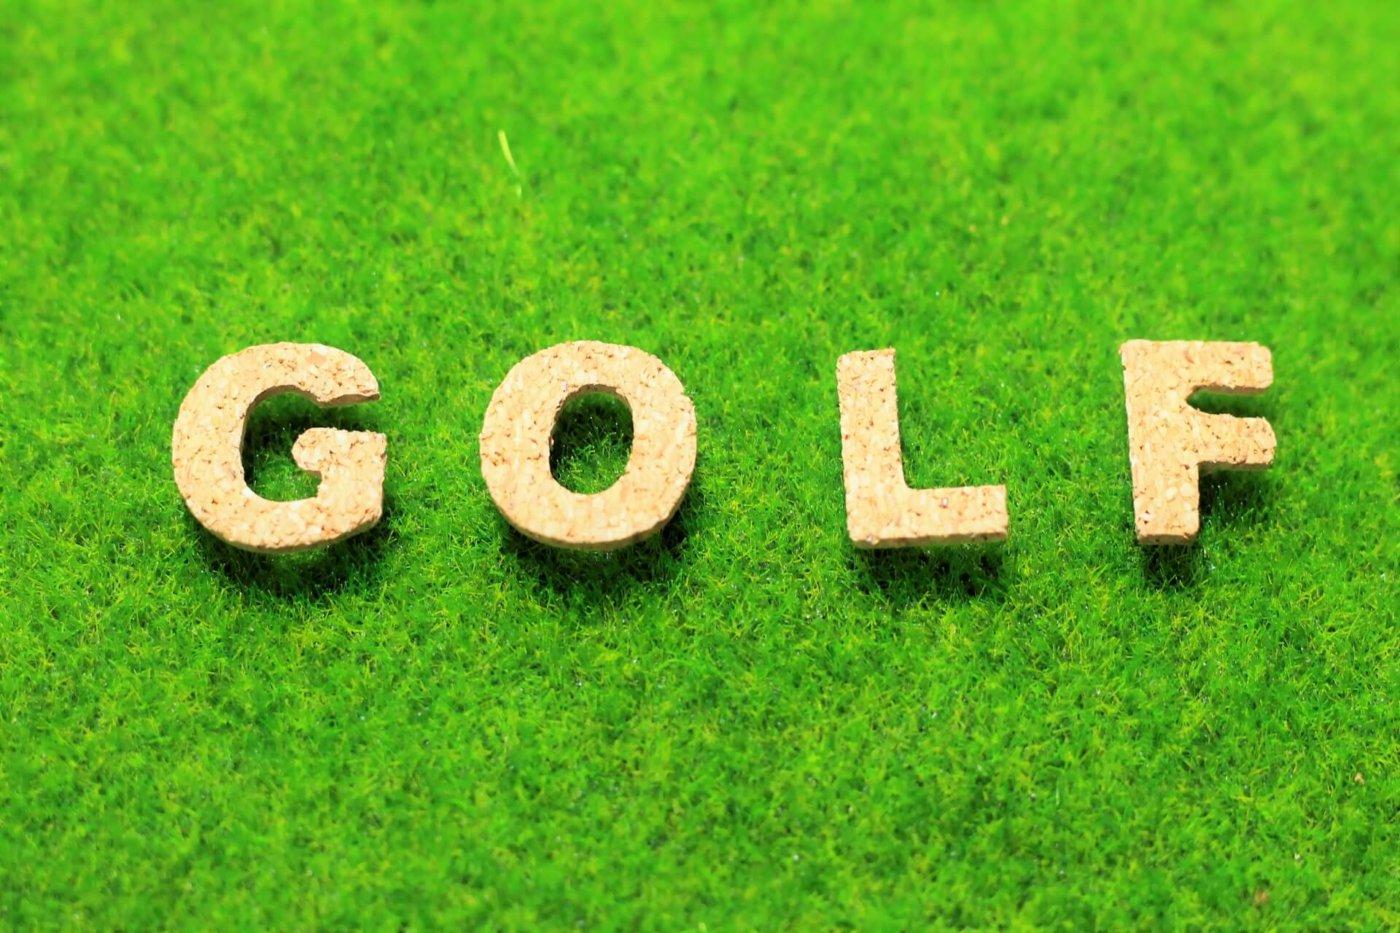 ウェアにも手抜かりなし!女子のゴルファーにおすすめのブランド7選